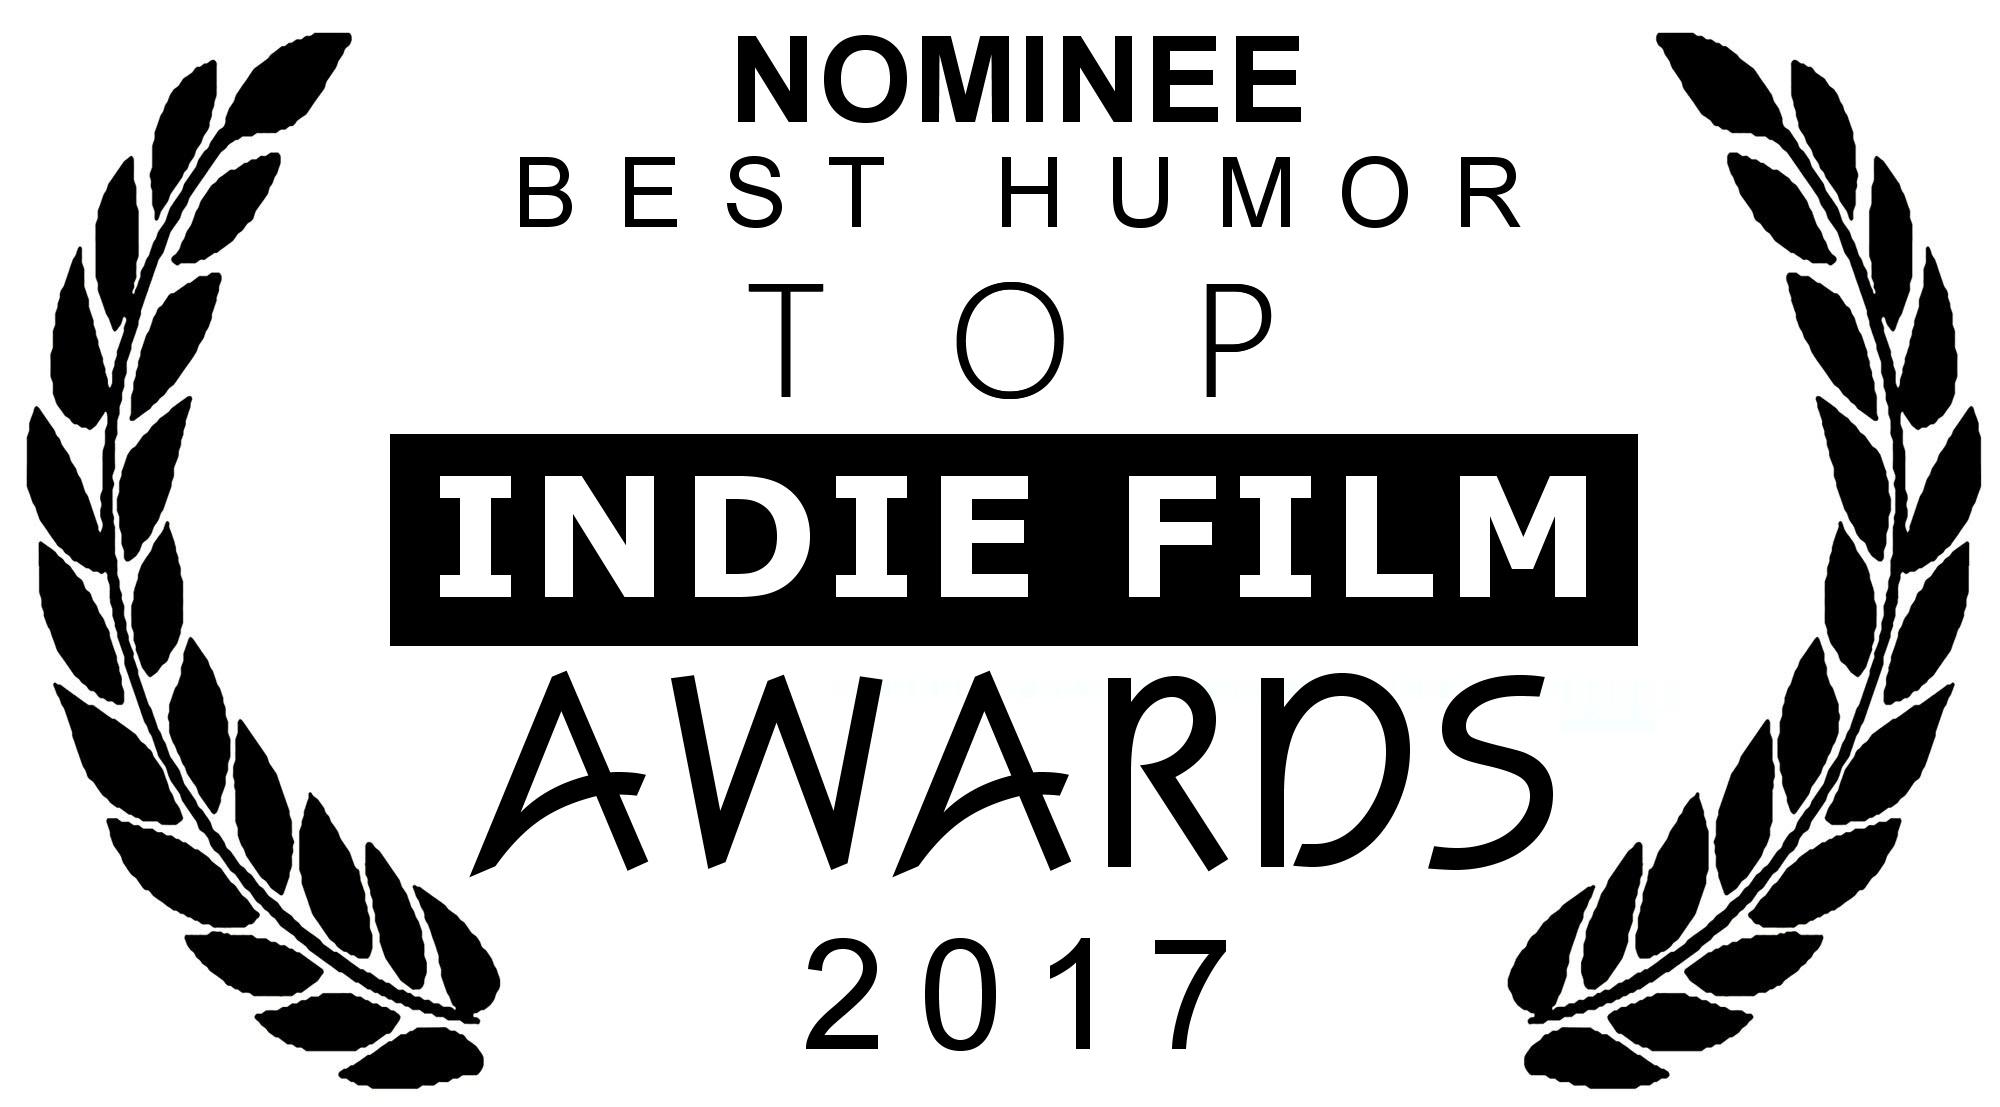 tifa-2017-nominee-best-humor.jpg